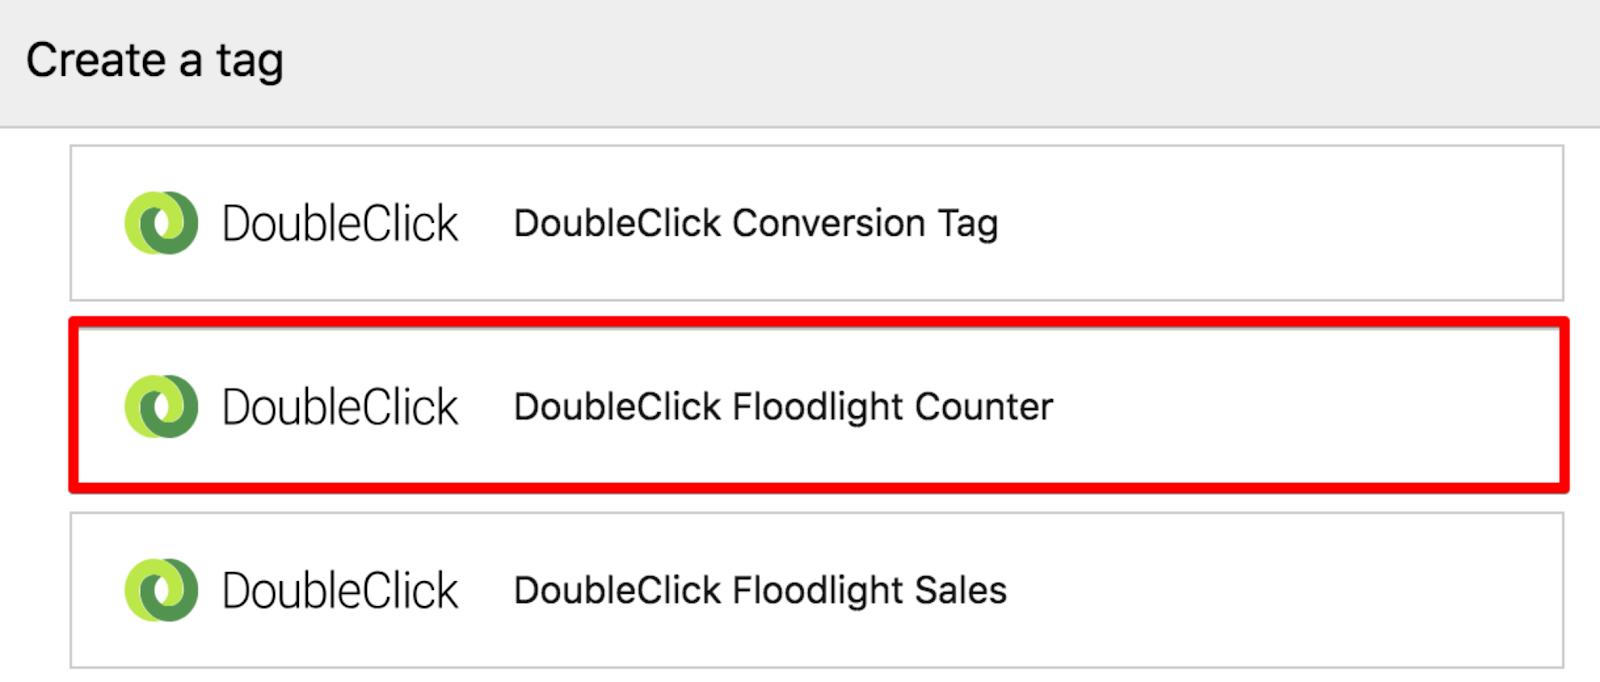 DoubleClick Floodlight Counter - Piwik PRO Help